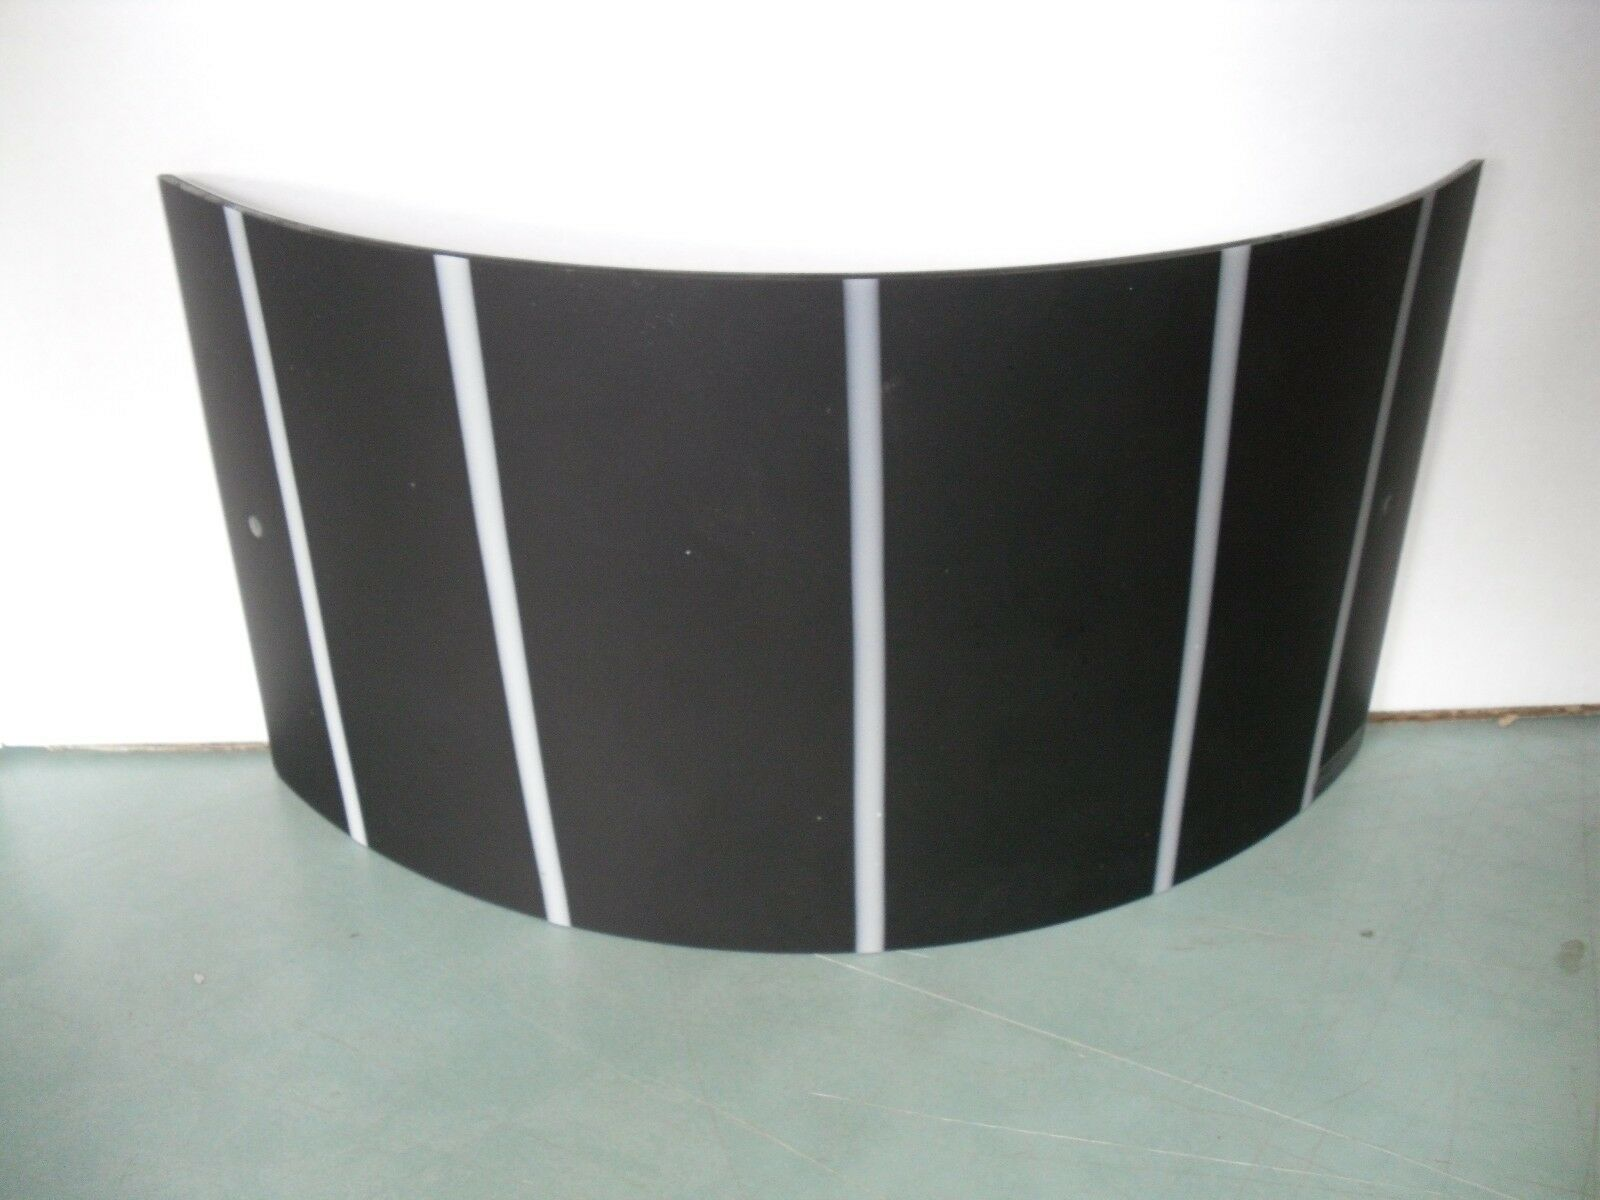 Applique talia nera murano due in in in vetro e nichel 120w 918d74